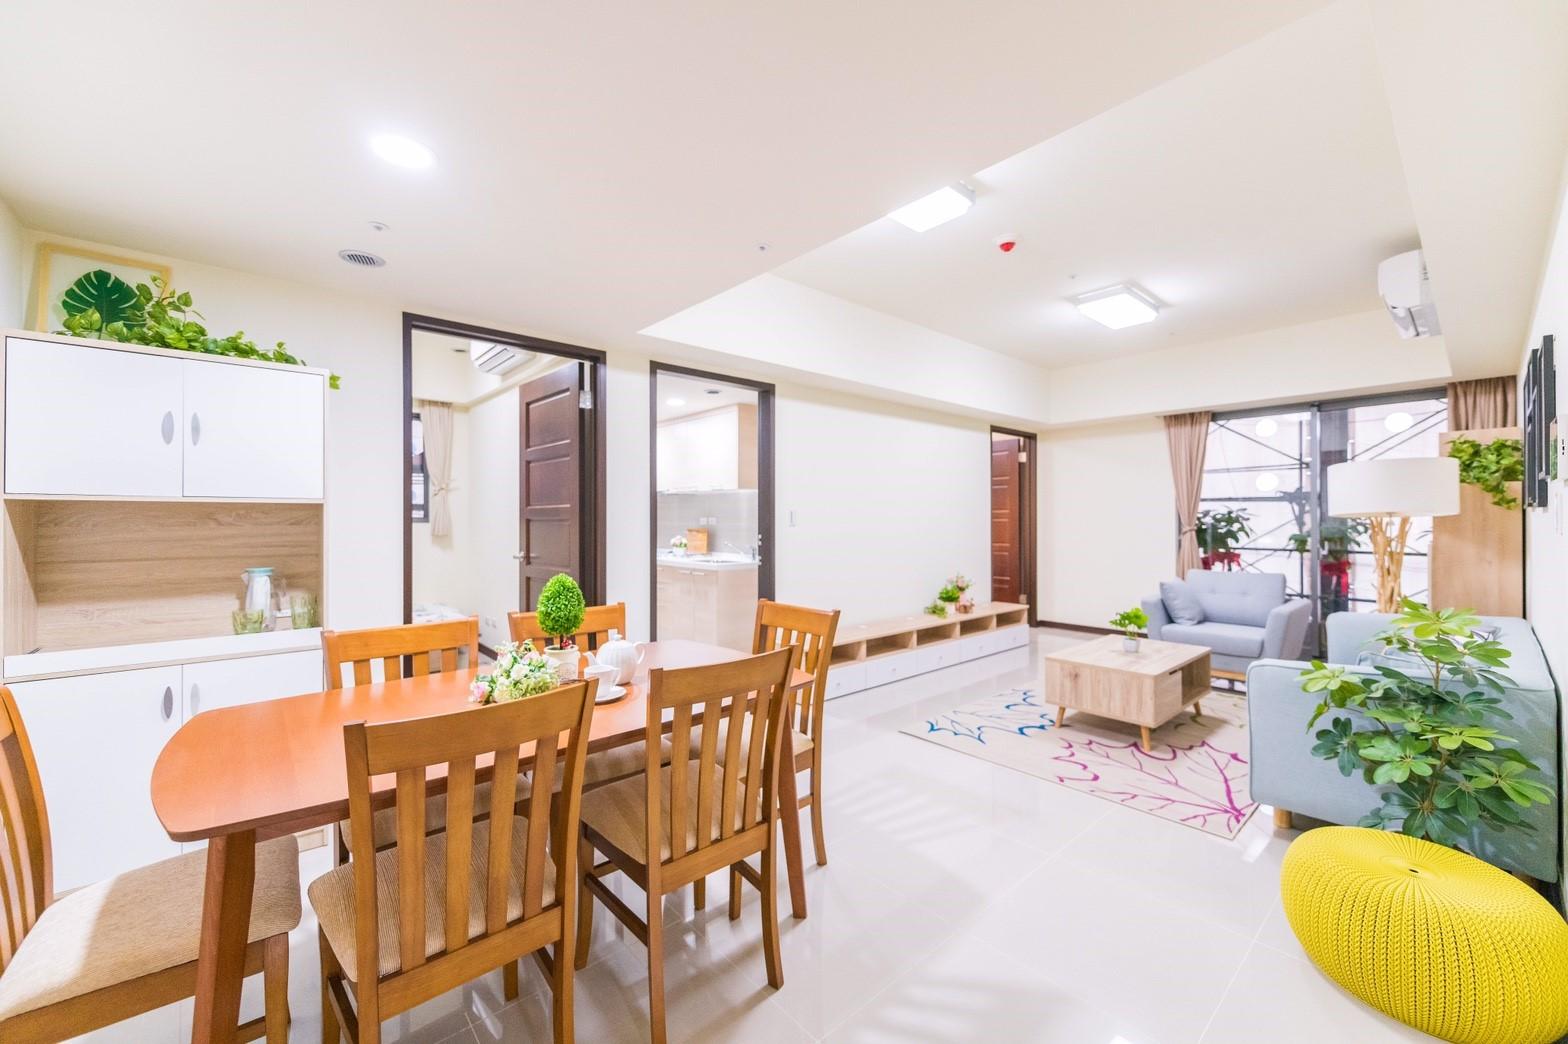 中路二號社會住宅內部空間及家具配置